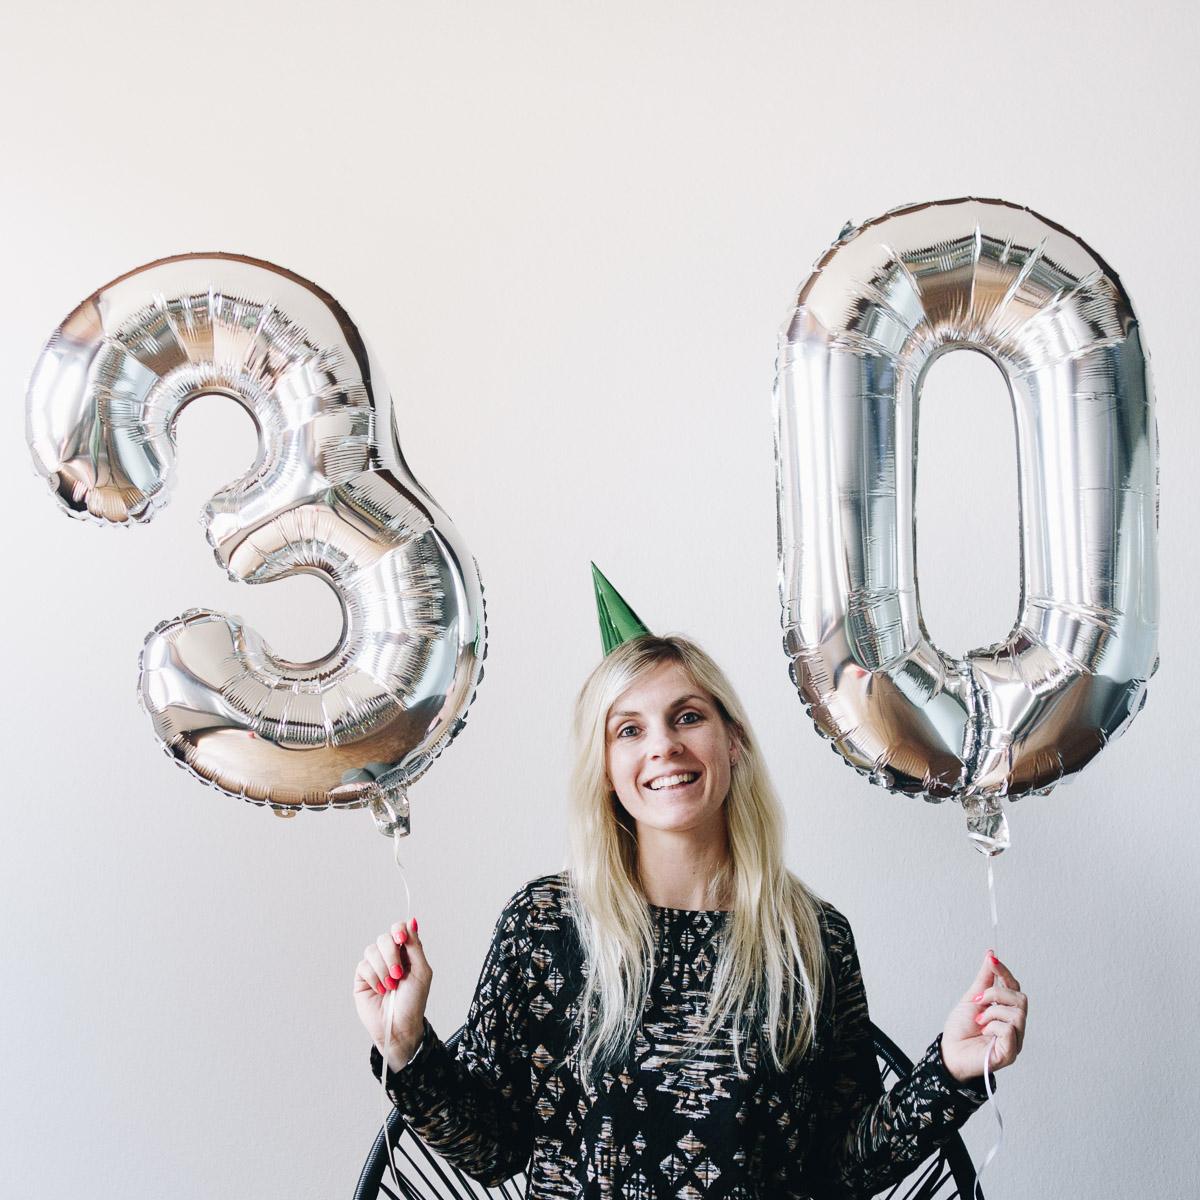 geburtstagsgeschenke zum 30 geburtstag riesen zahlen luftballon in silber